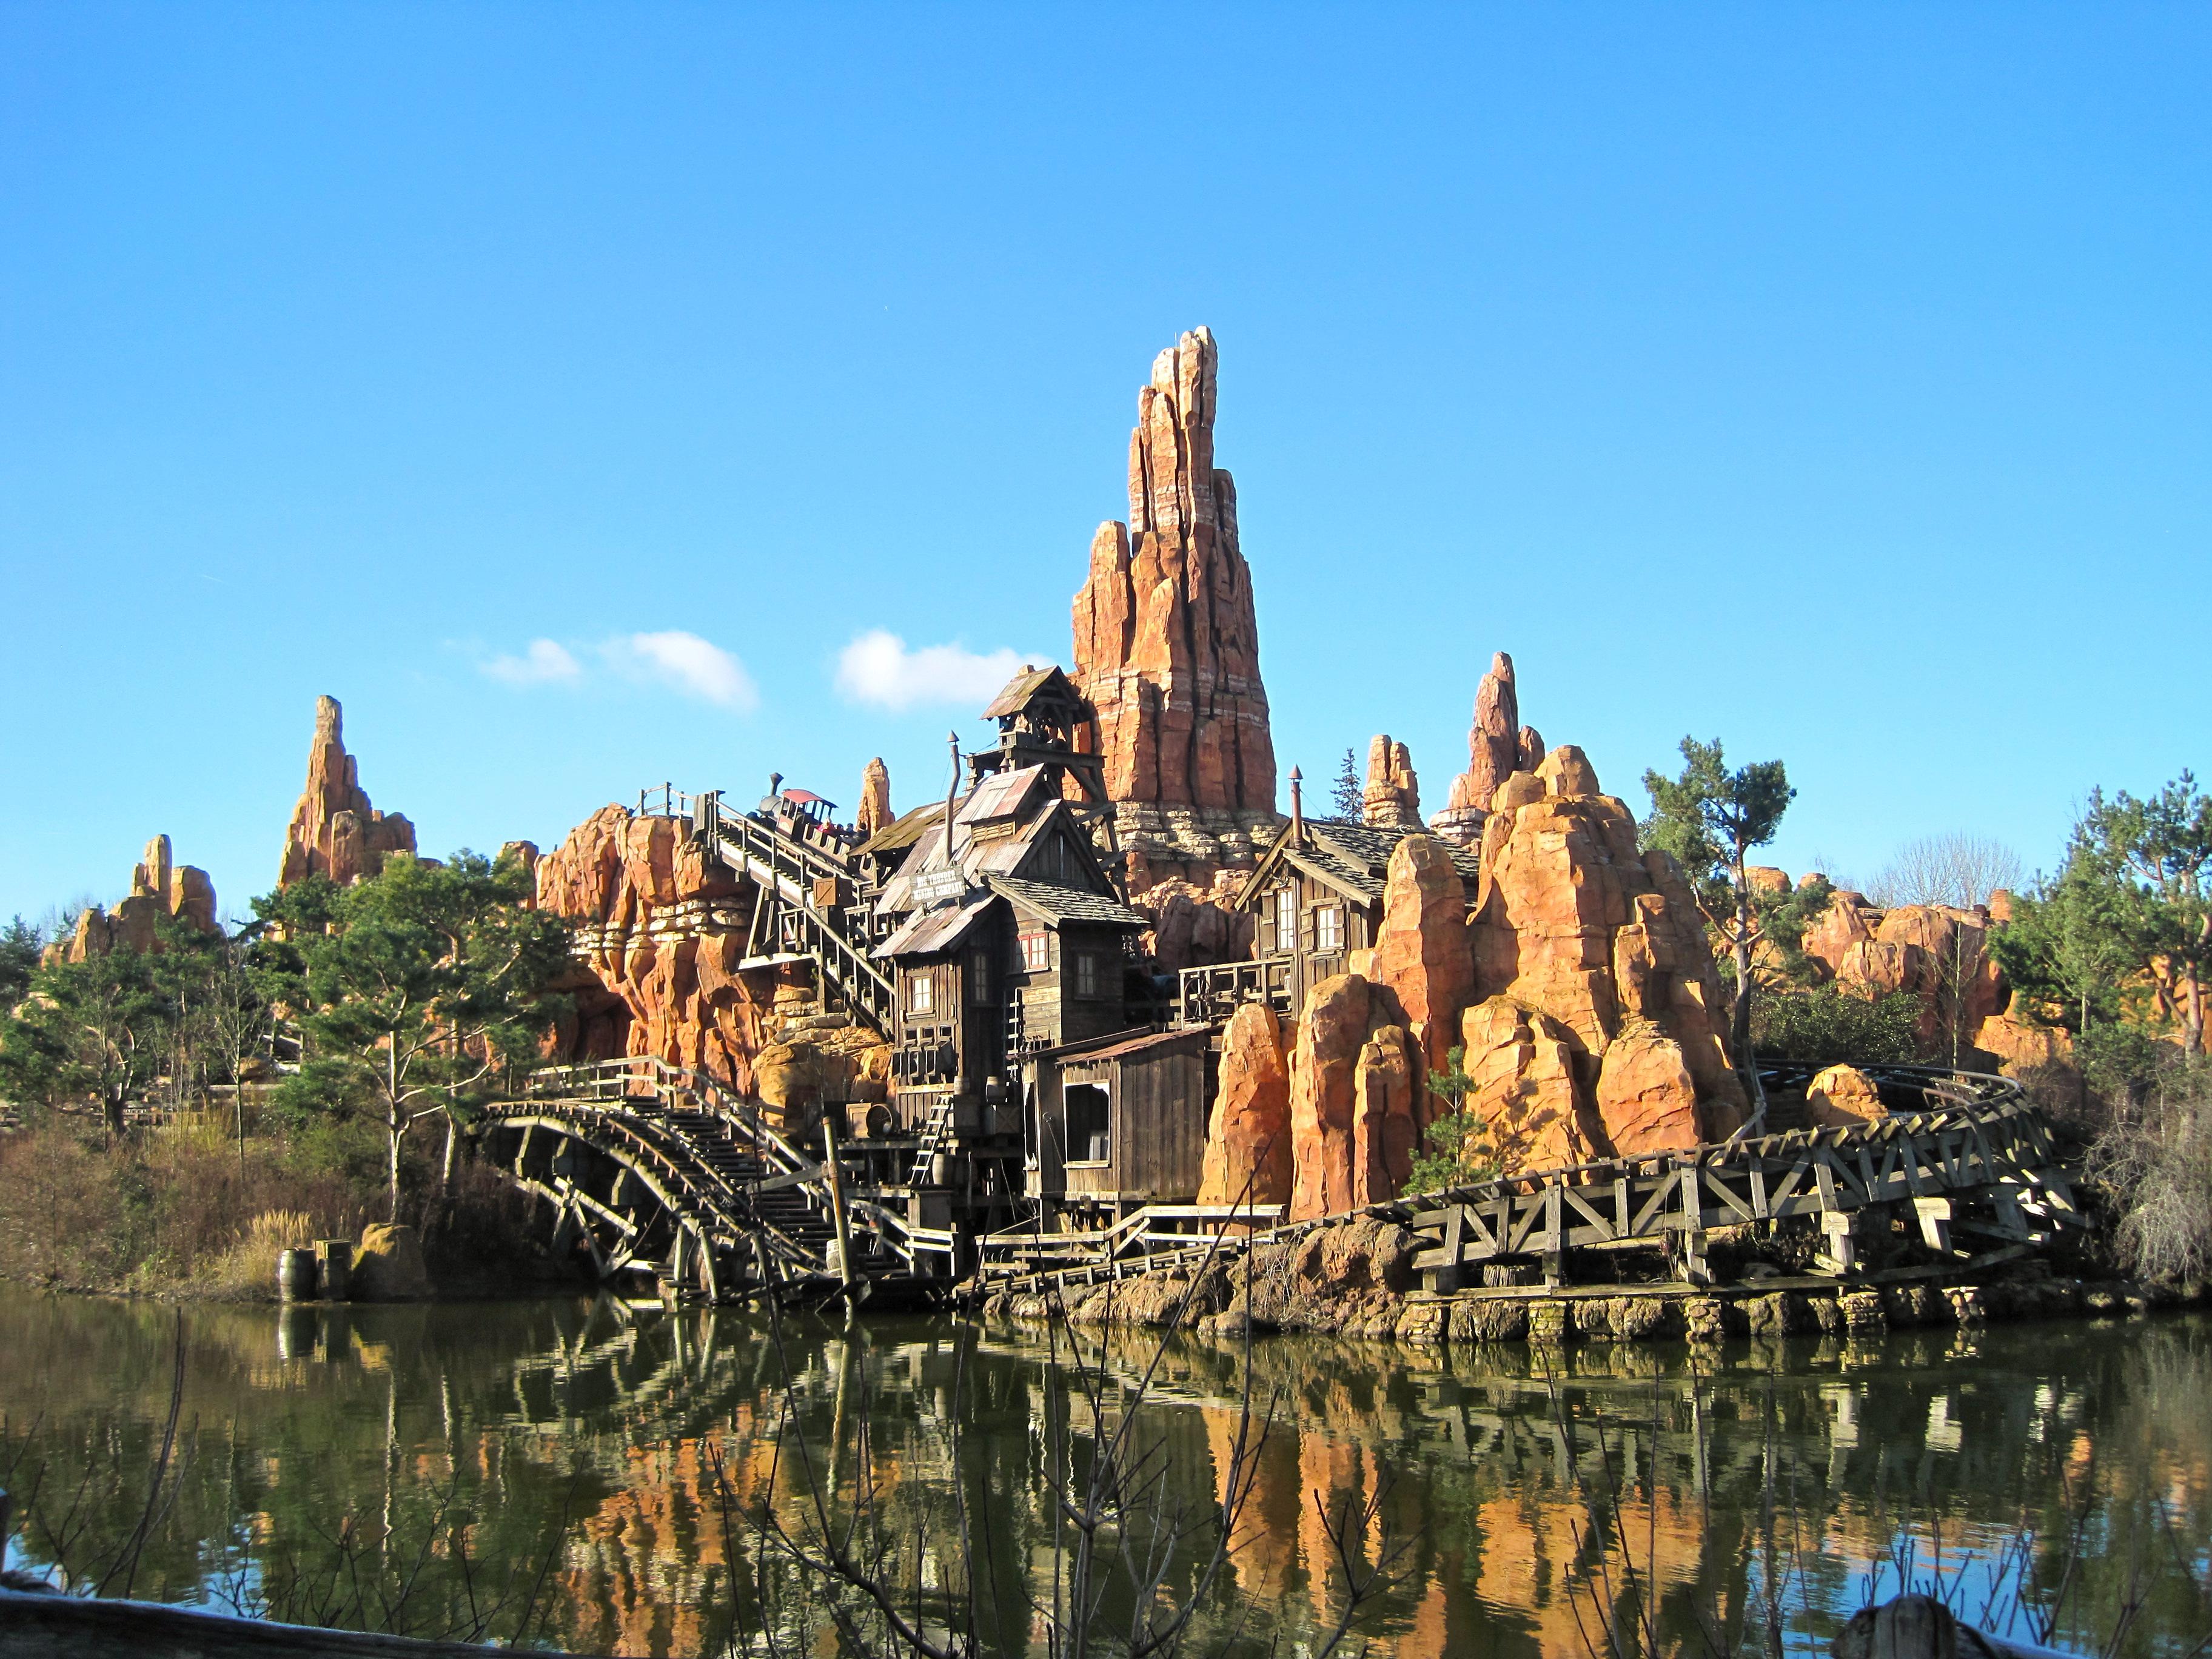 Karte Disneyland Paris Attraktionen.Tipps Und Tricks Wie Plane Ich Eine Reise Ins Disneyland